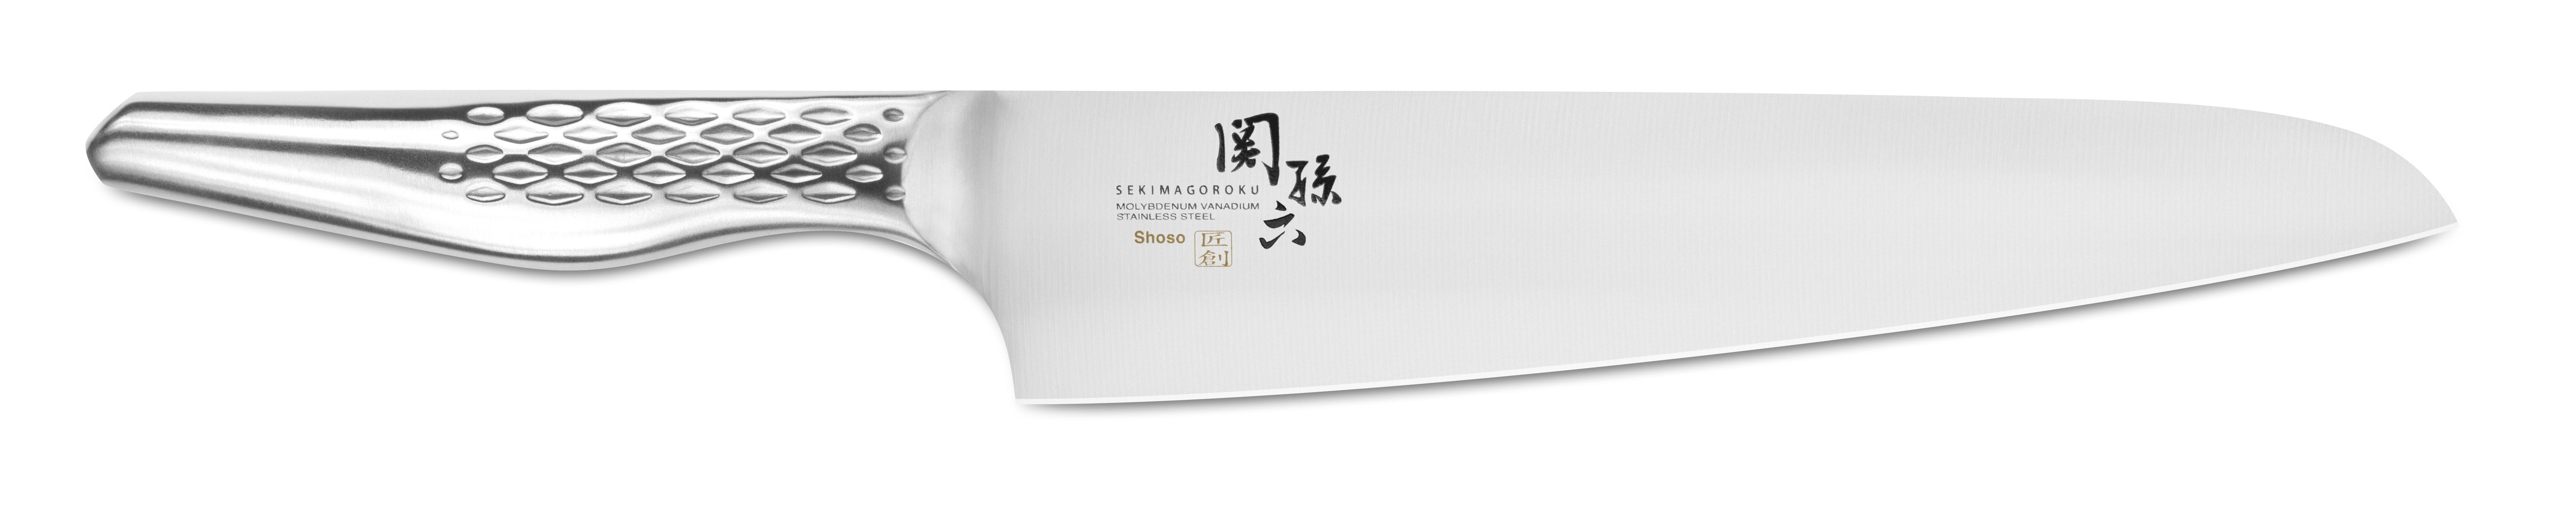 KAI SEKI MAGOROKU Shoso AB-5159